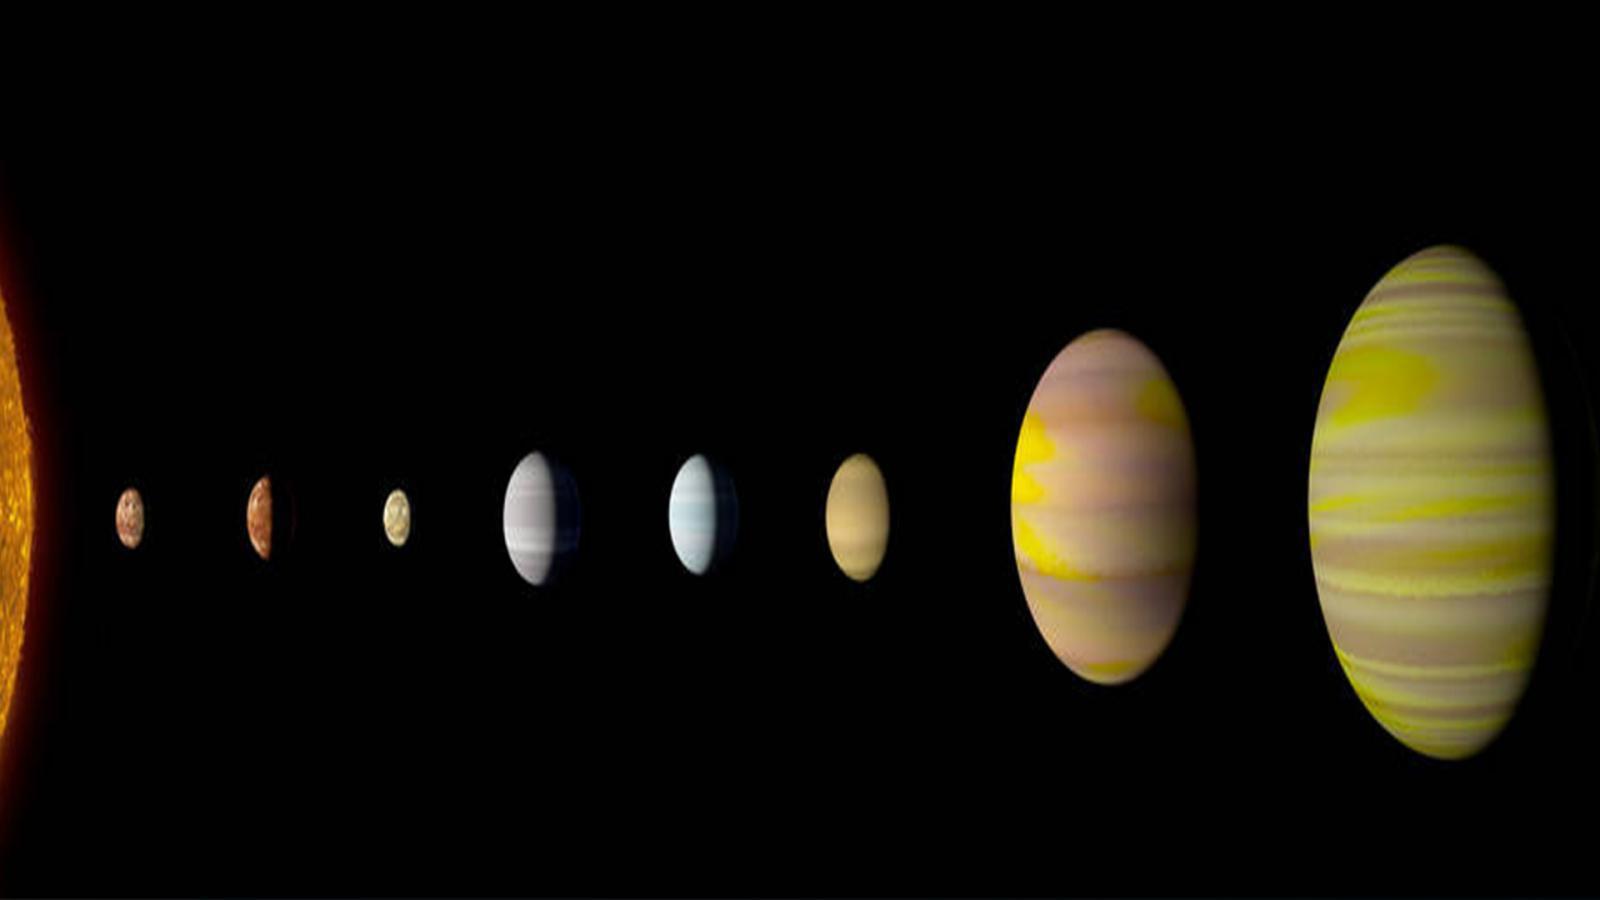 """""""นาซา"""" พบดาวฤกษ์ """"เคปเลอร์ 90"""" มีดาวเคราะห์บริวารเท่ากับระบบสุริยะจักรวาล"""